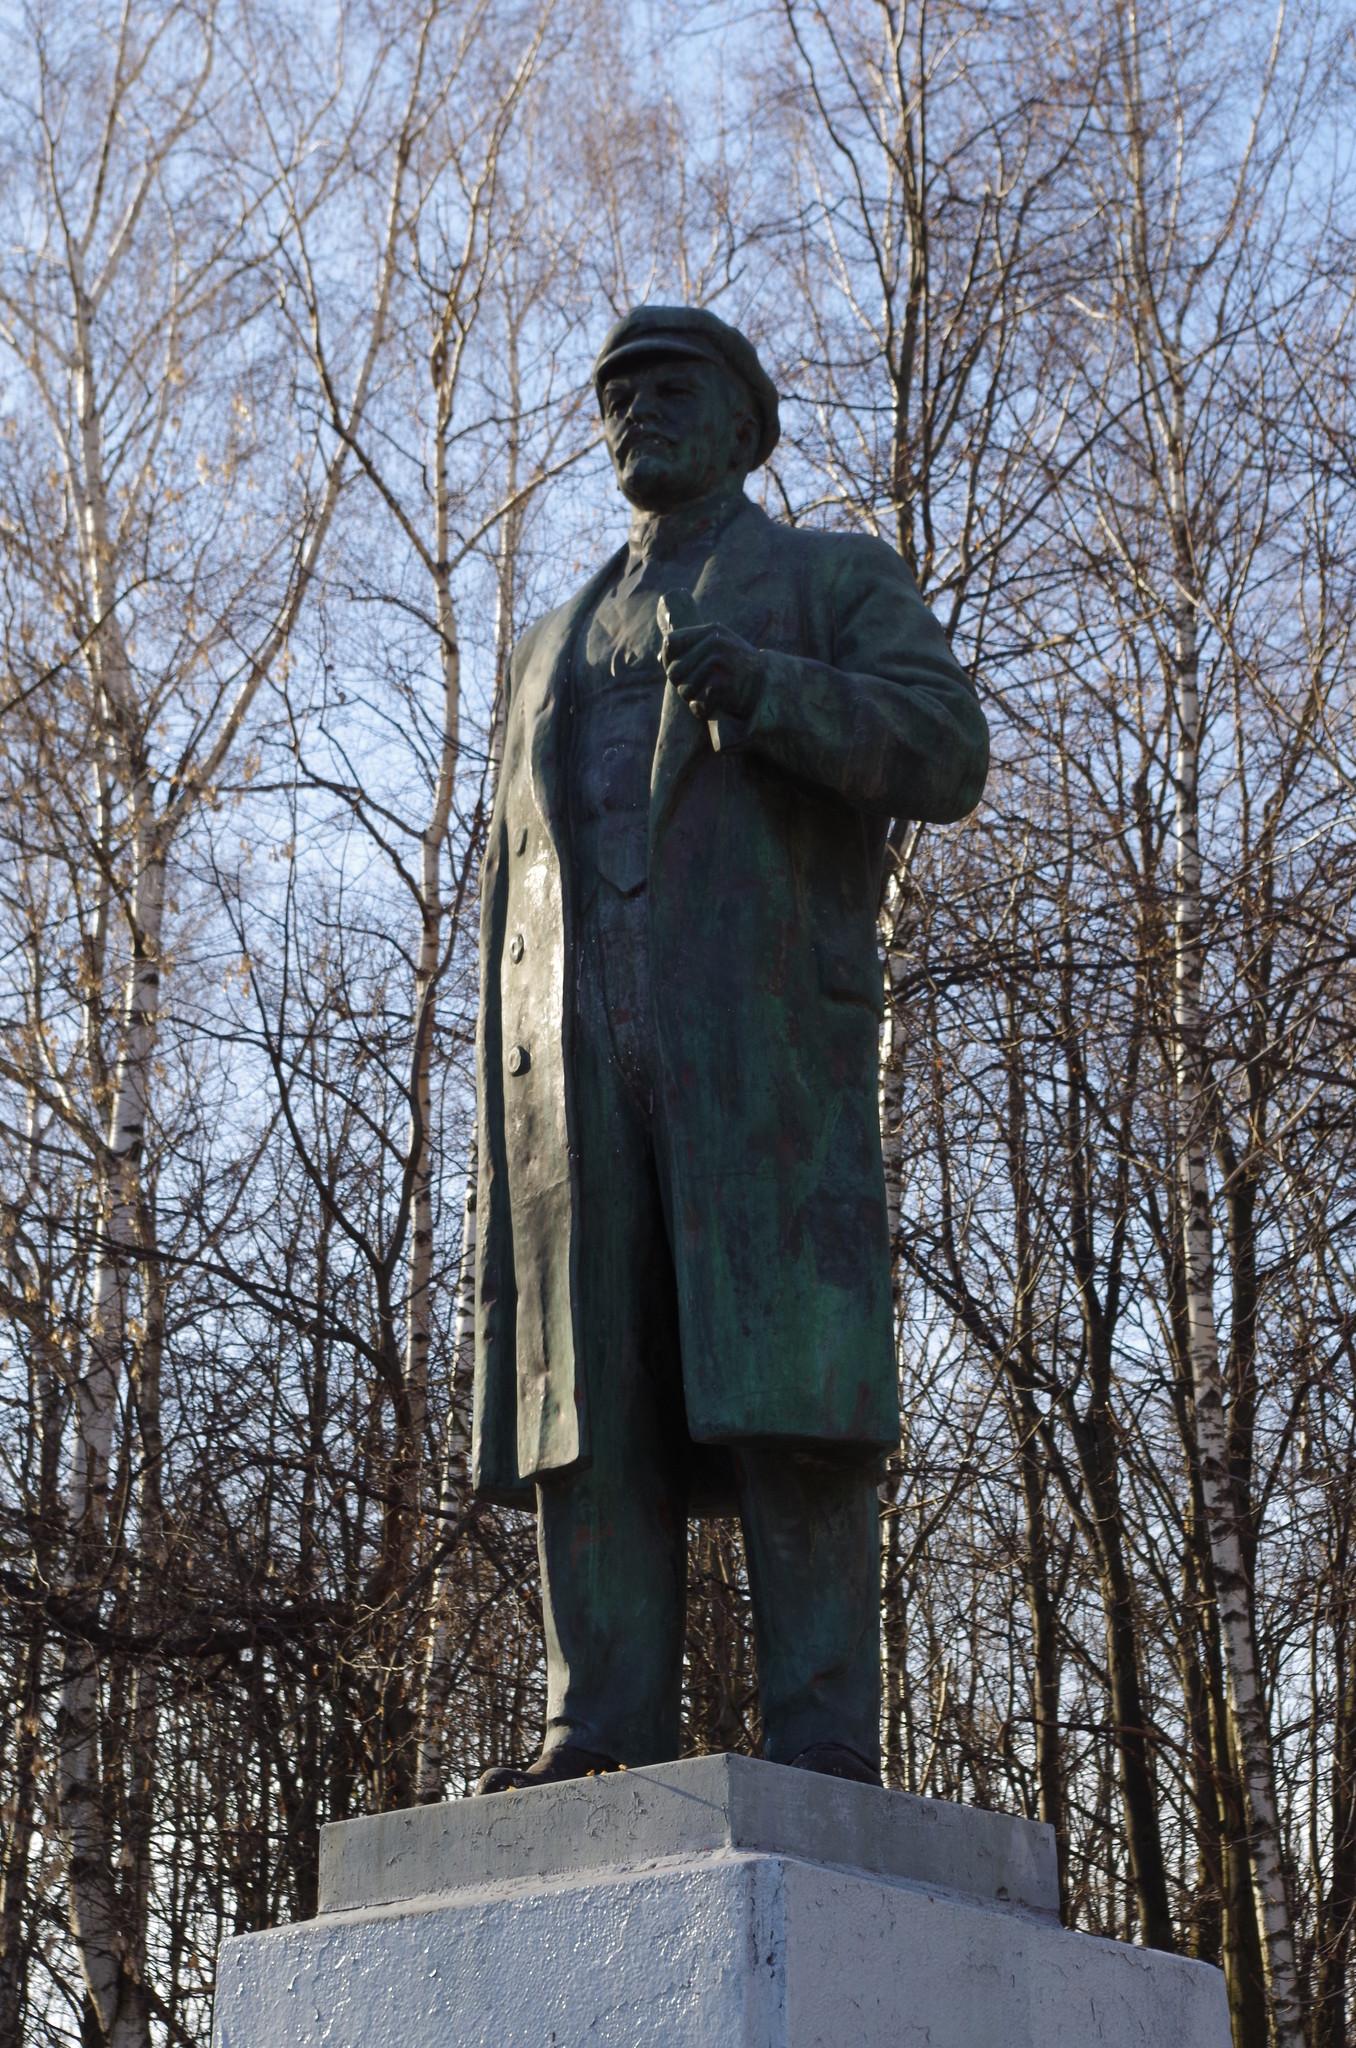 Памятник Владимиру Ильичу Ленину установлен в 1960 году около Дворца культуры имени С.П. Горбунова